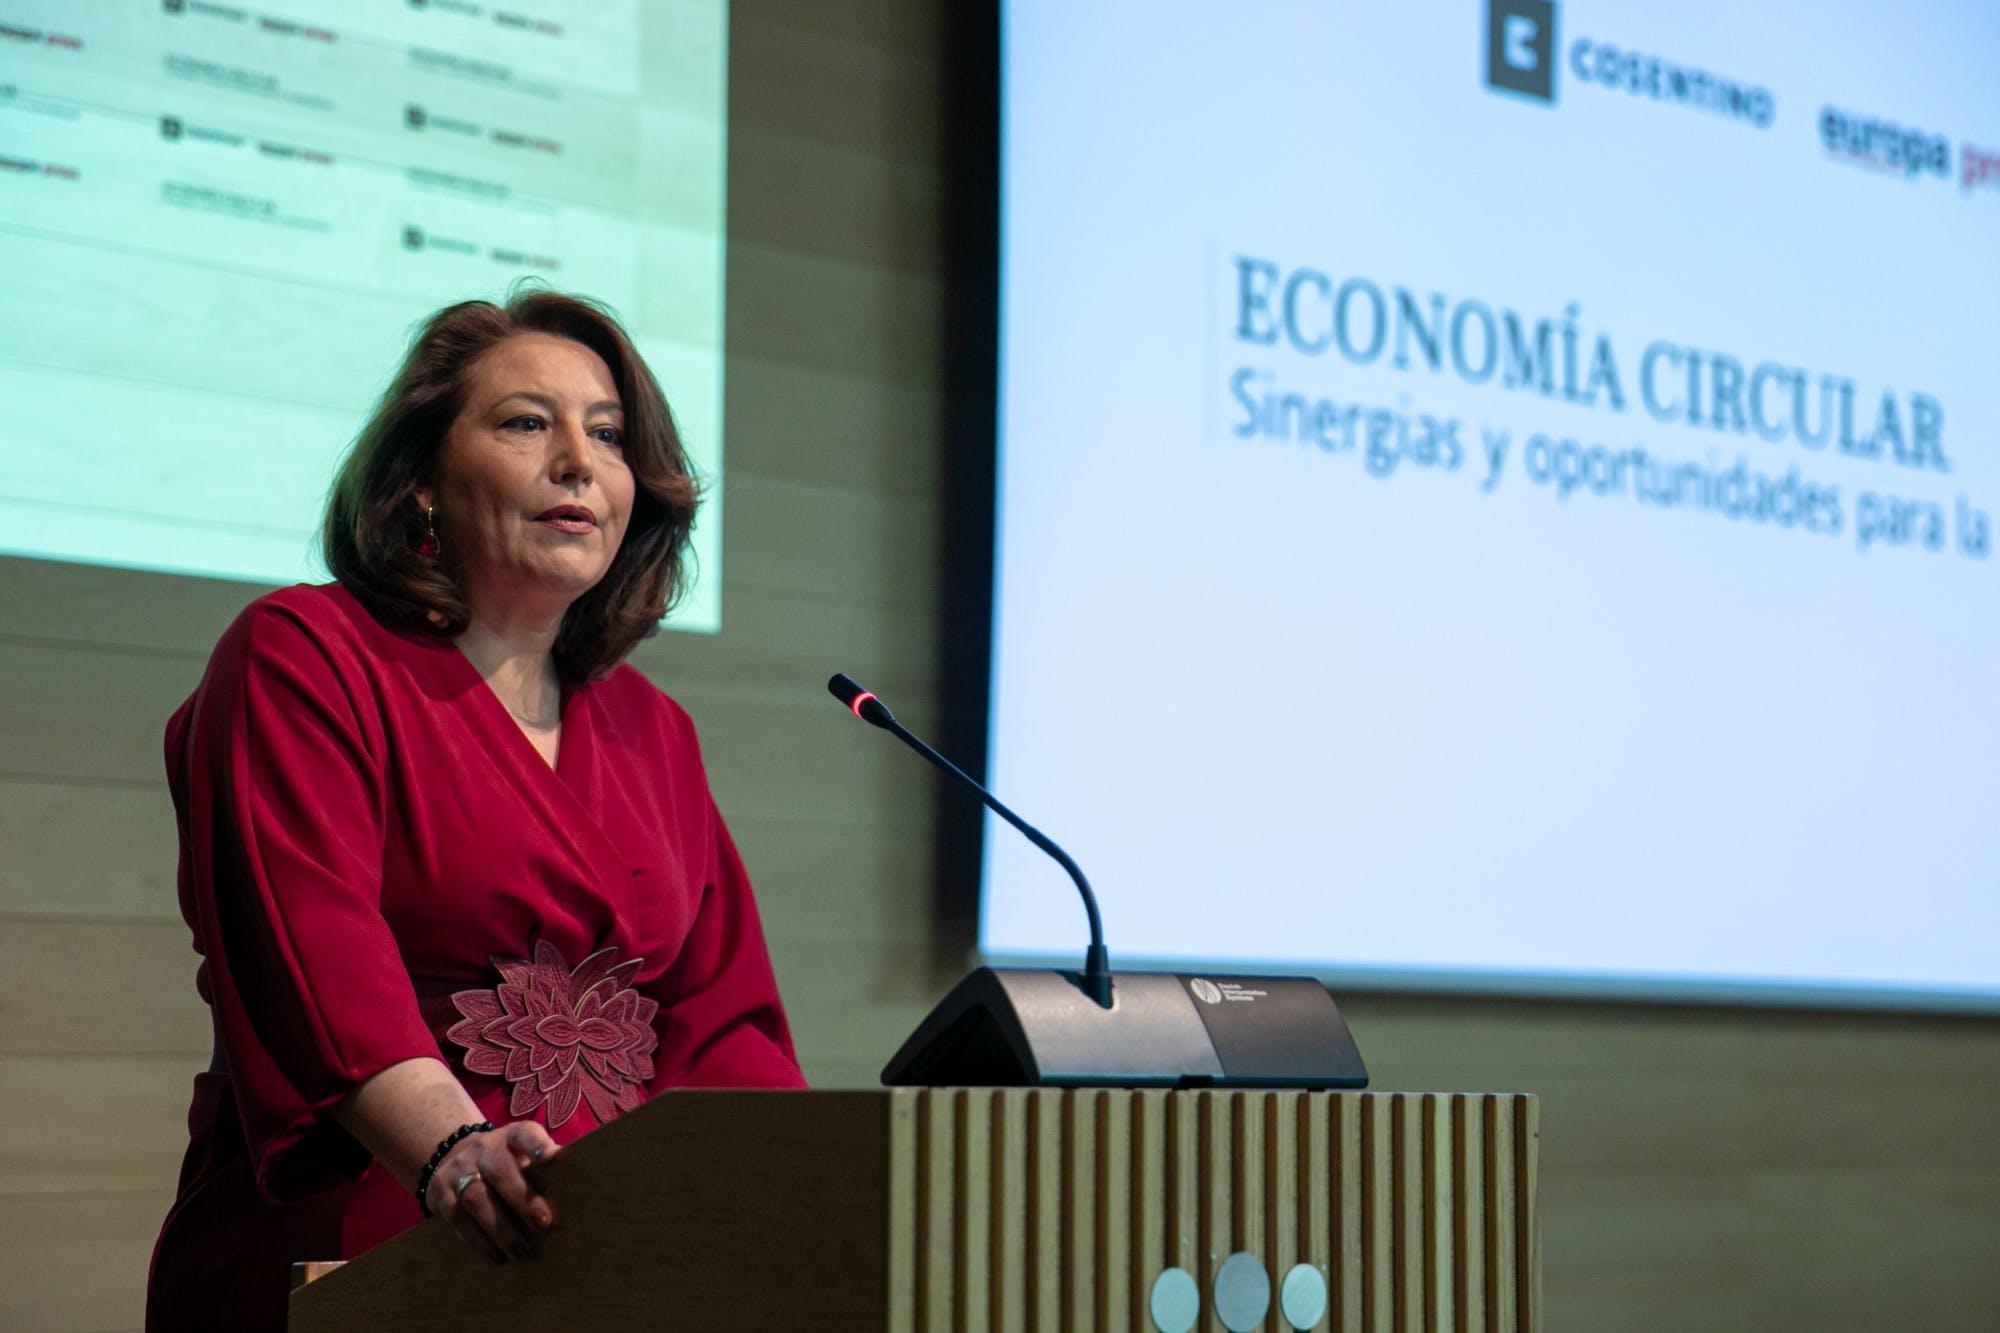 Image of Carmen Crespo Jornada Economia Circular Cosentino 2 in Cosentino promotes the Circular Economy and Industrial Simbiosis - Cosentino